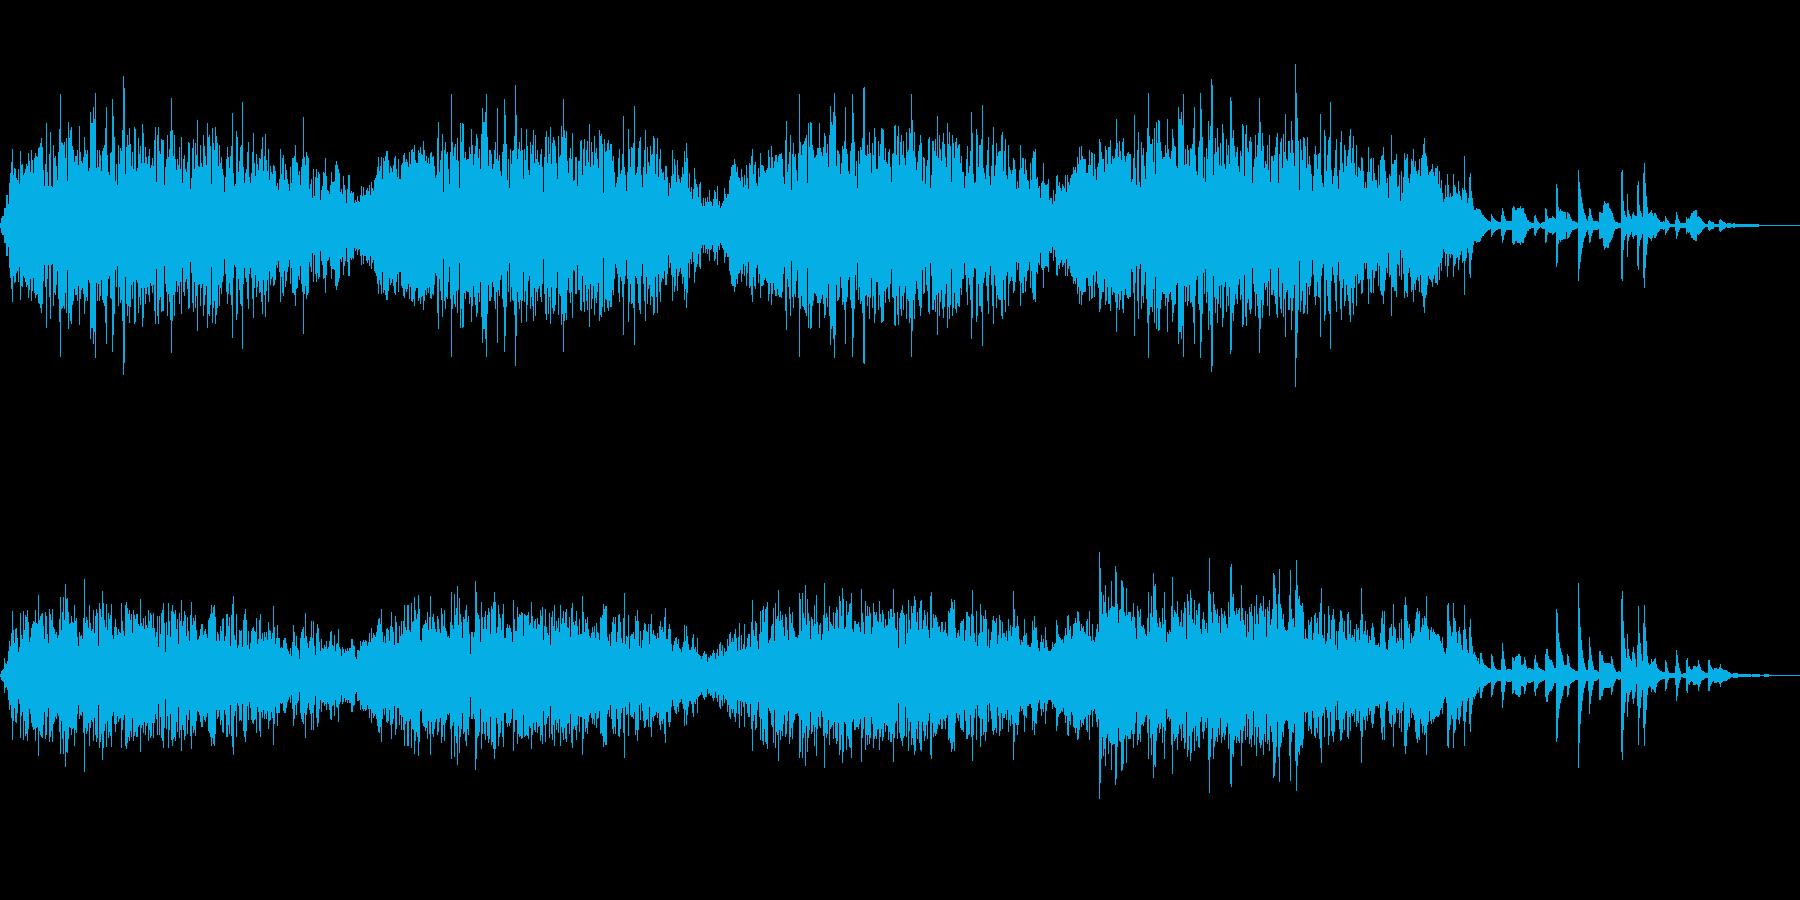 神秘的な音とパッドが印象的なアンビエントの再生済みの波形